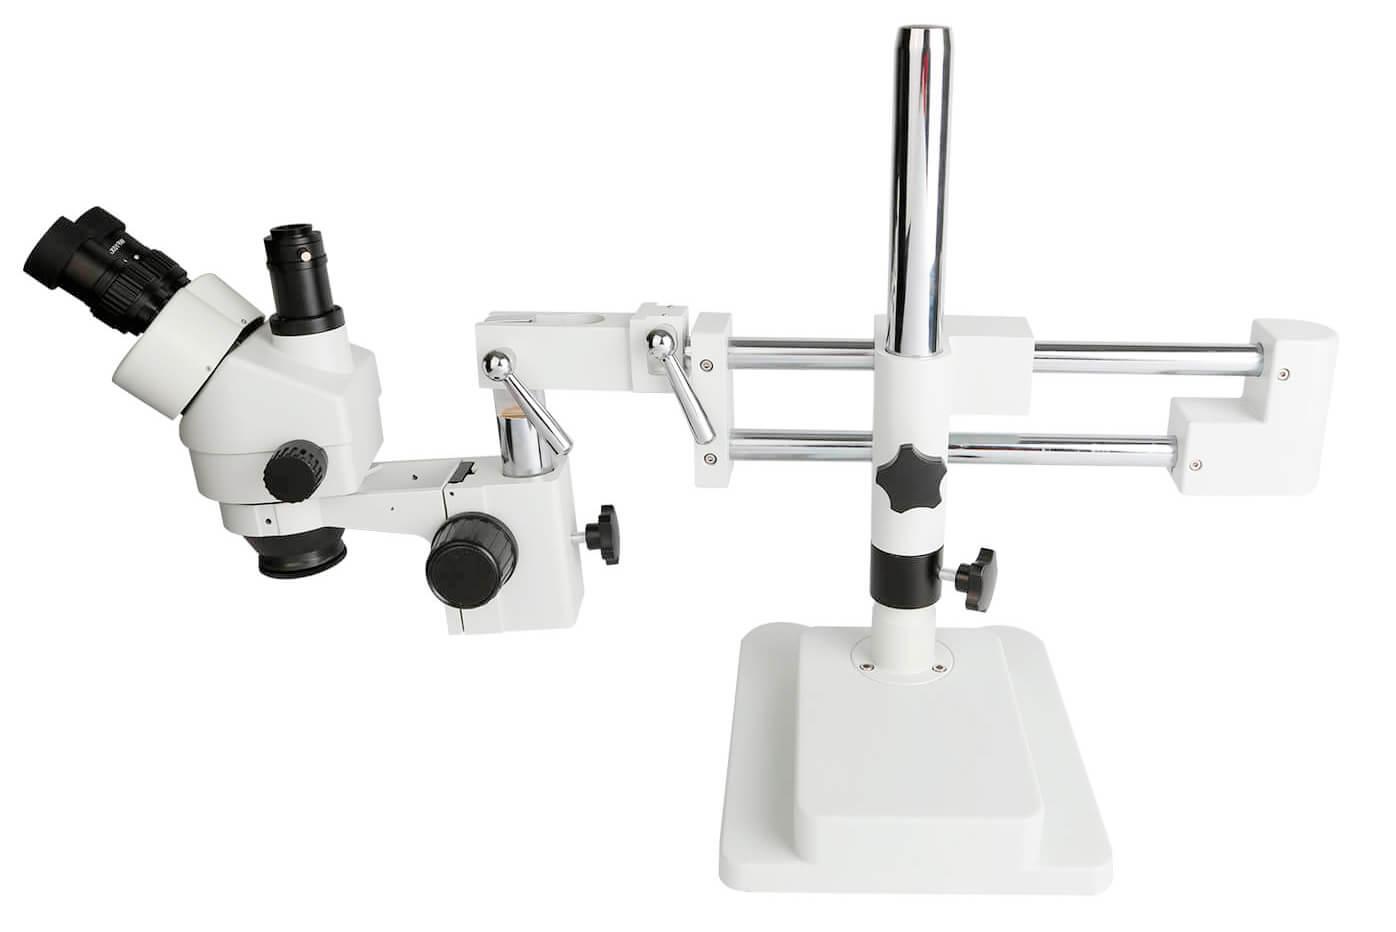 Kaisi 37045a-stl2 Microscópio Estereoscópico Trinocular Preto Simul-focal